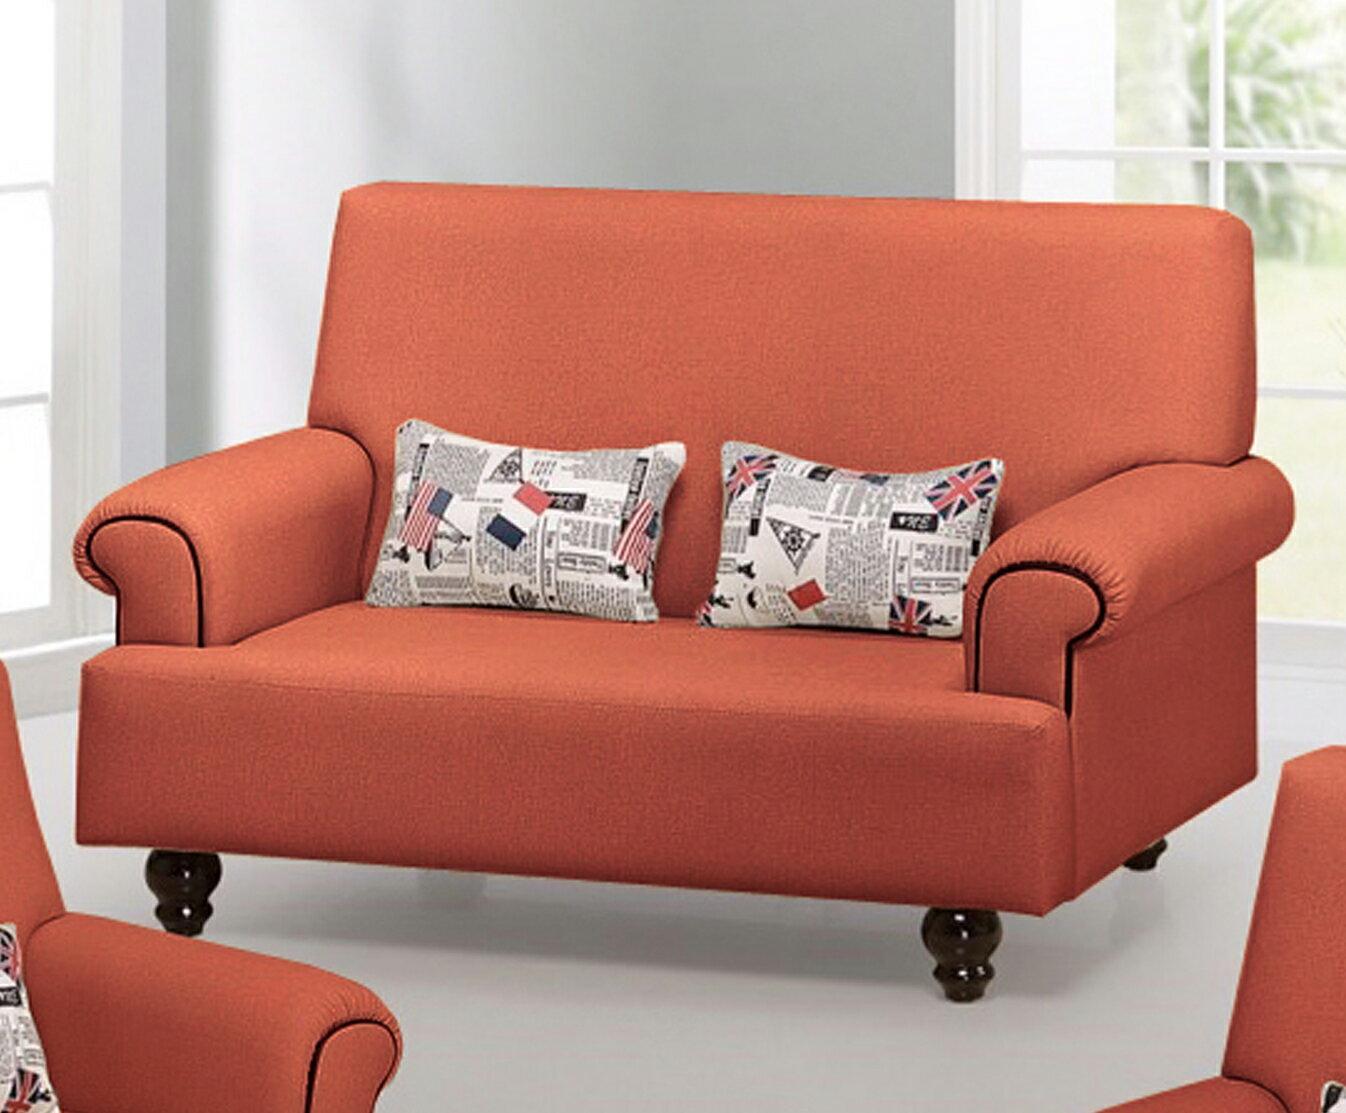 !新生活家具!《夏佐》橘色 雙人沙發 2人座沙發 二人座 法式沙發 實木腳 皮沙發 防貓抓皮 寵物 辦公沙發 套房出租 組椅 耐磨 台灣製造 工廠直營